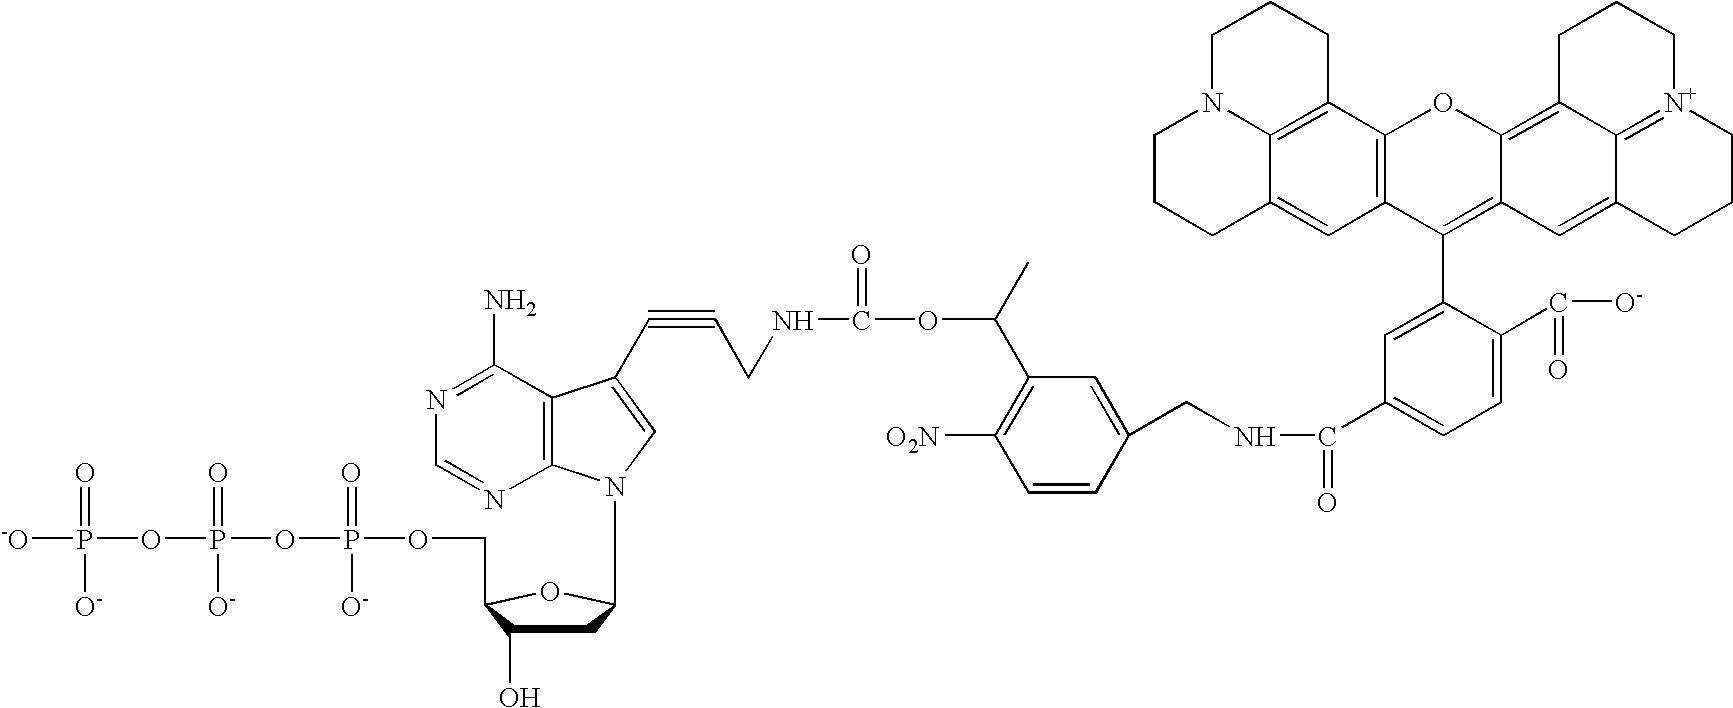 Figure US20070275387A1-20071129-C00002